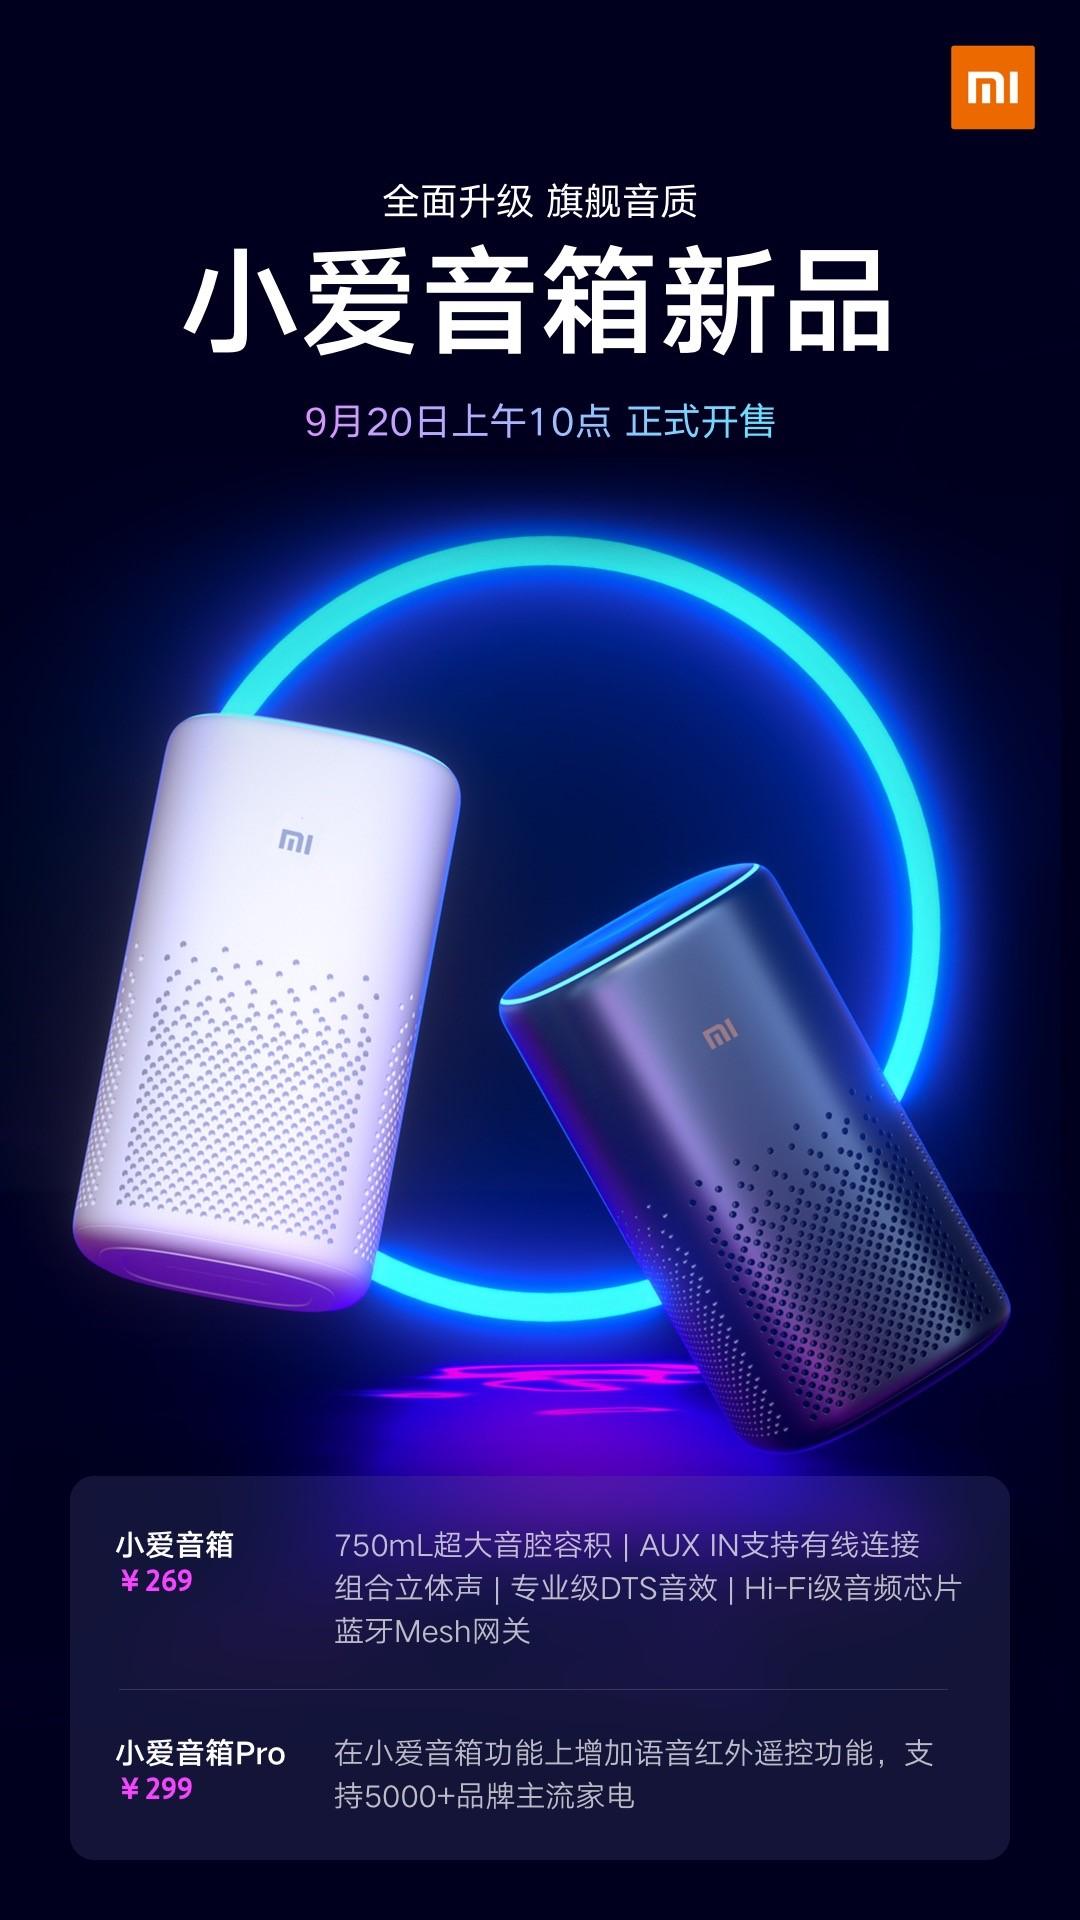 小米发布两款小爱音箱新品:发力音质,加入蓝牙网关